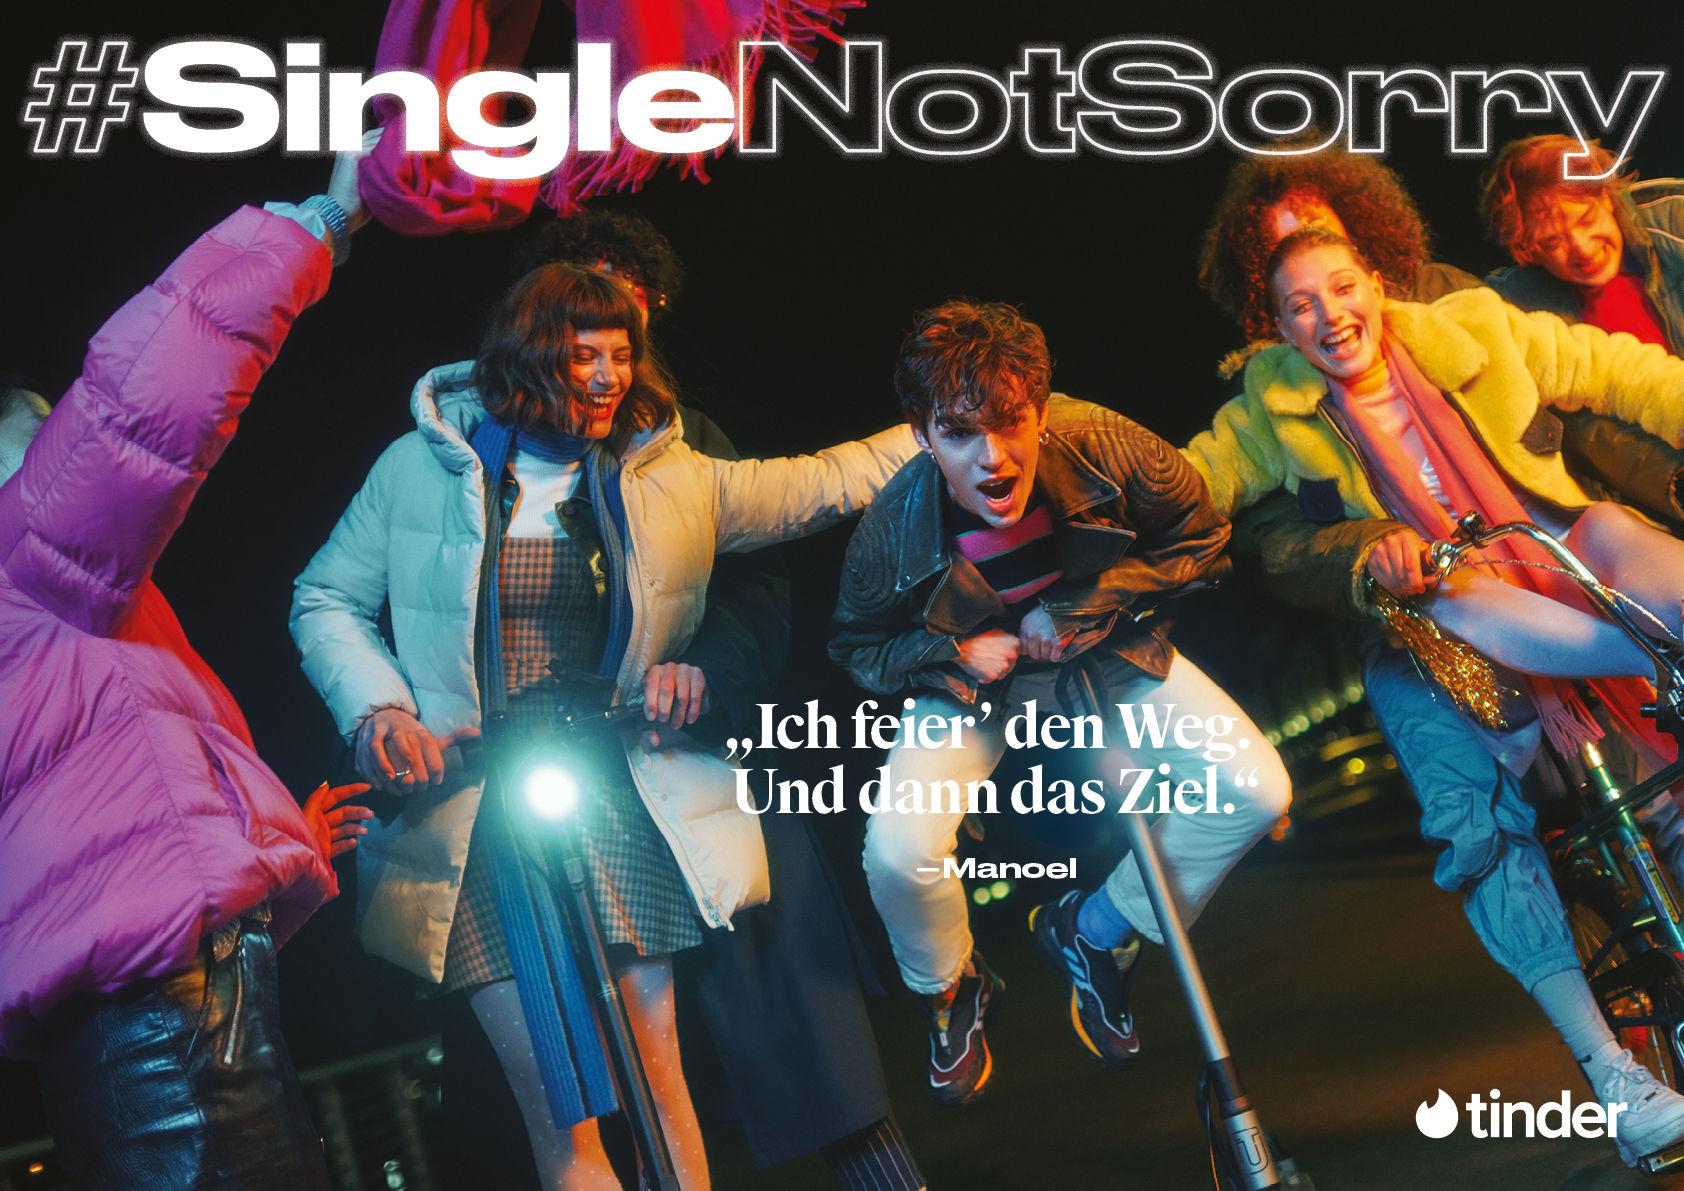 Ruben Riermeier für Tinder, Kampagne #SingleNotSorry